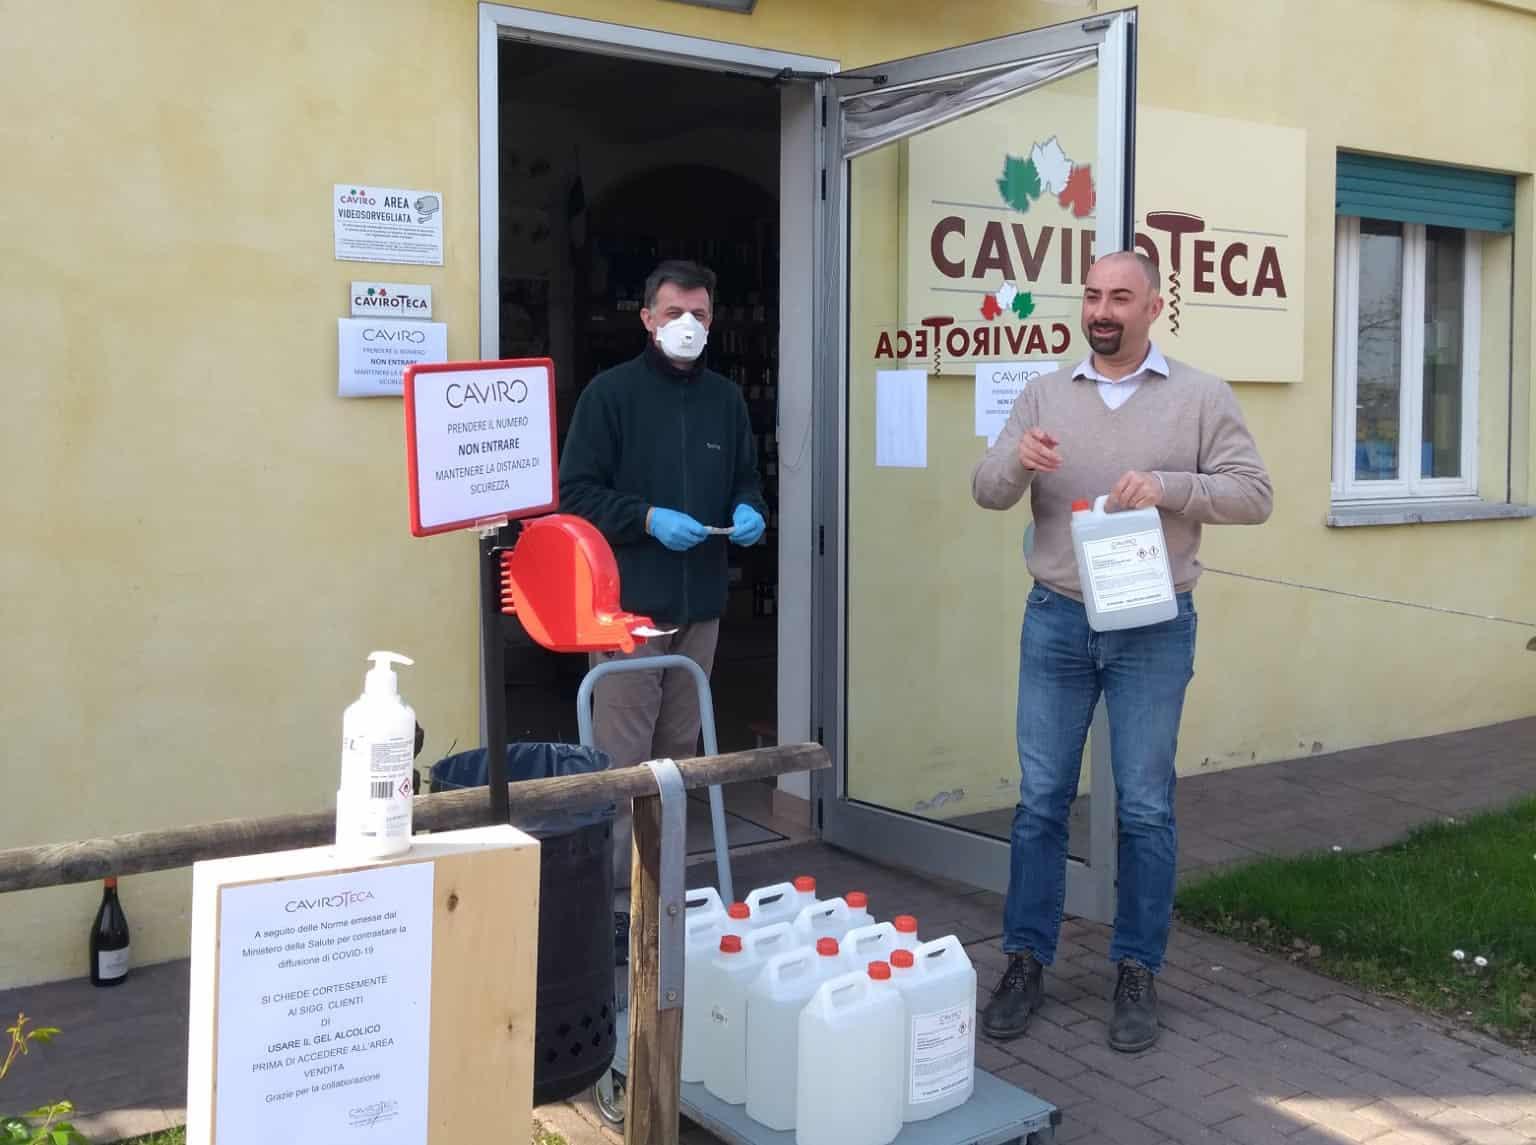 COVID-19: CAVIRO EXTRA È OPERATIVA